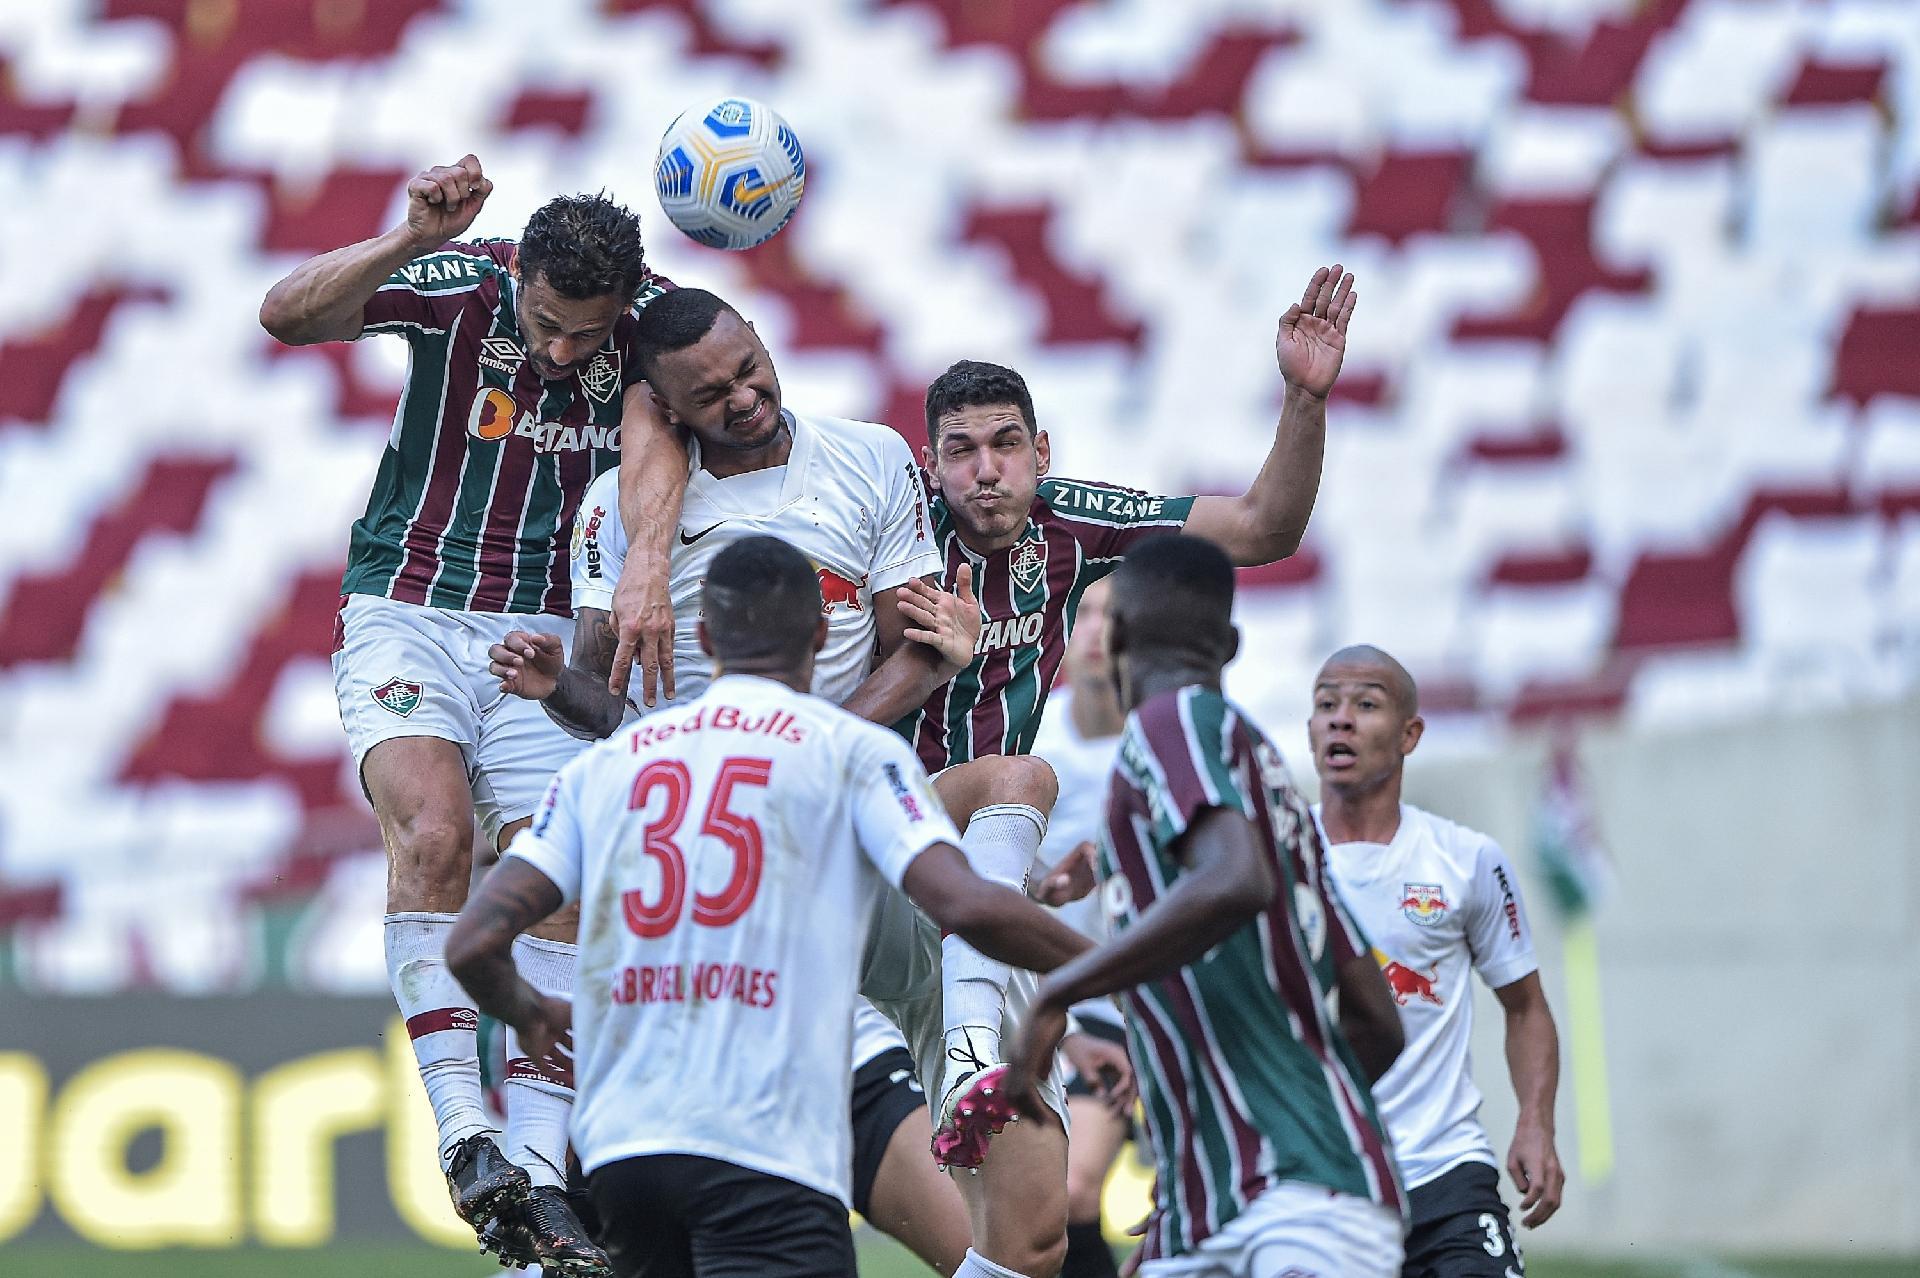 Fred, atacante do Fluminense, disputa bola no alto com defensores do Red Bull Bragantino em partida pela 22ª rodada do Brasileirão